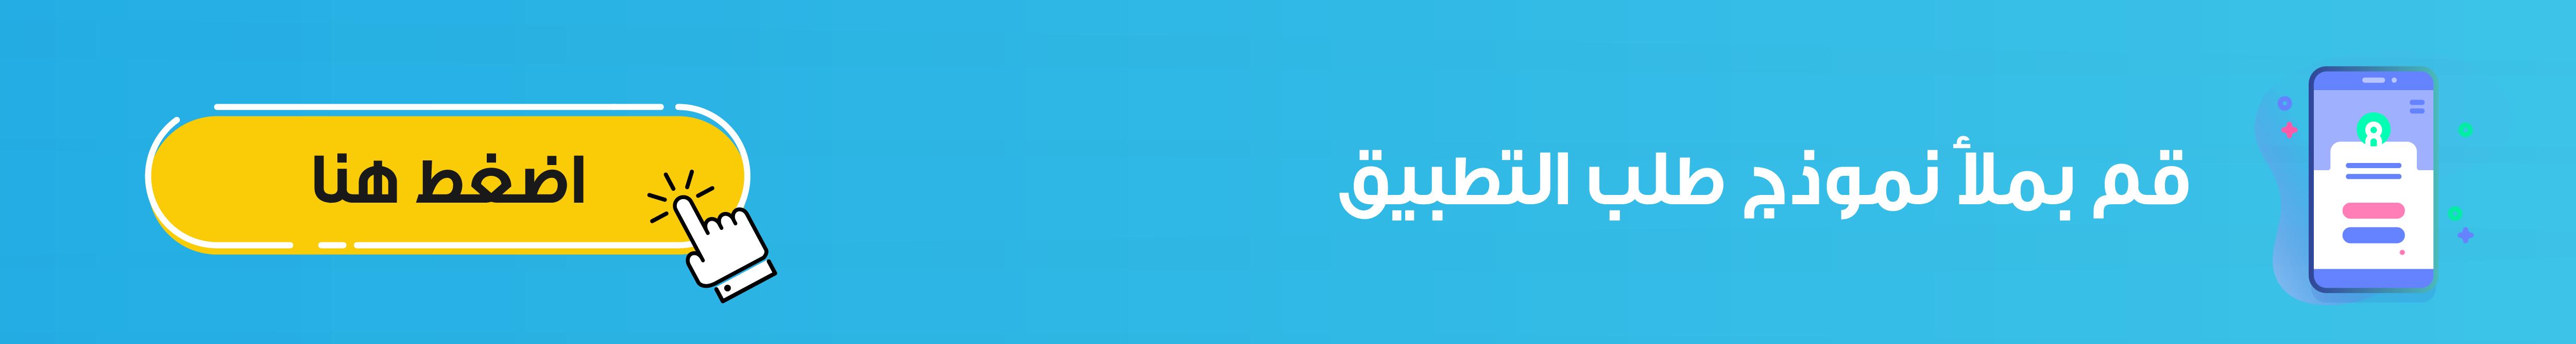 نموذج طلب تطبيق اوبن كارت العرب